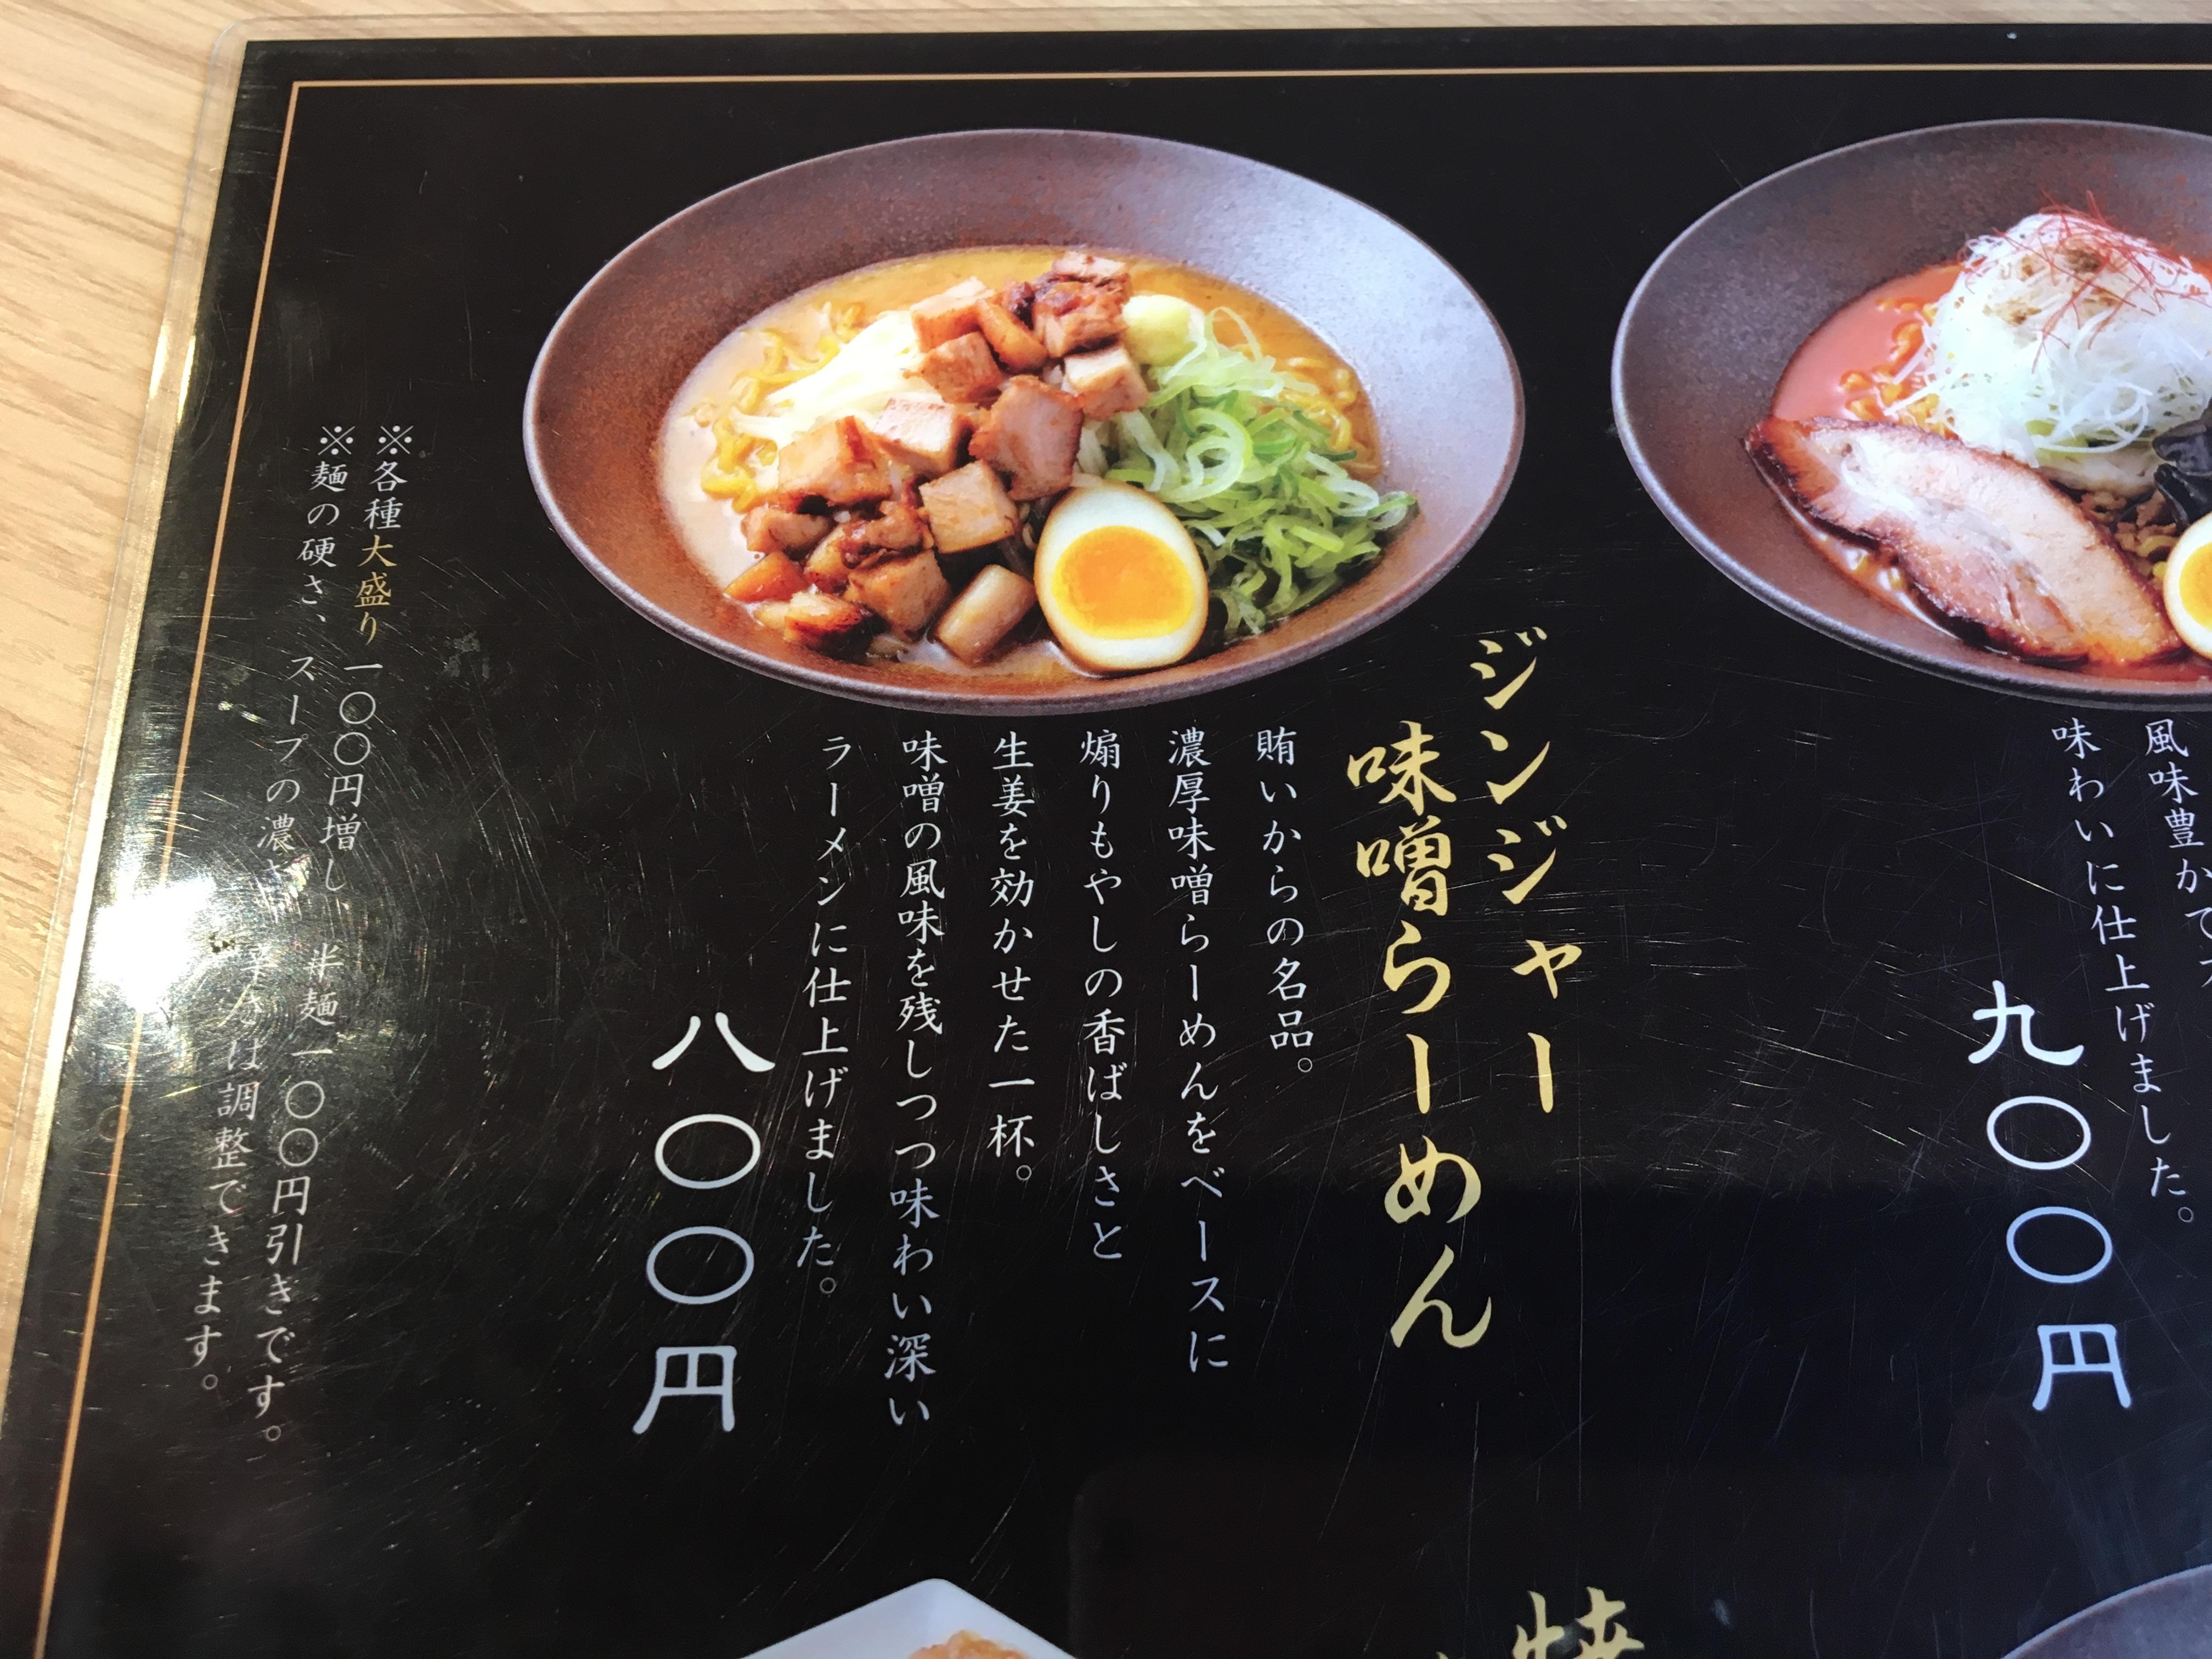 麺屋 雪風(めんや ゆきかぜ) 清田店のメニュー4